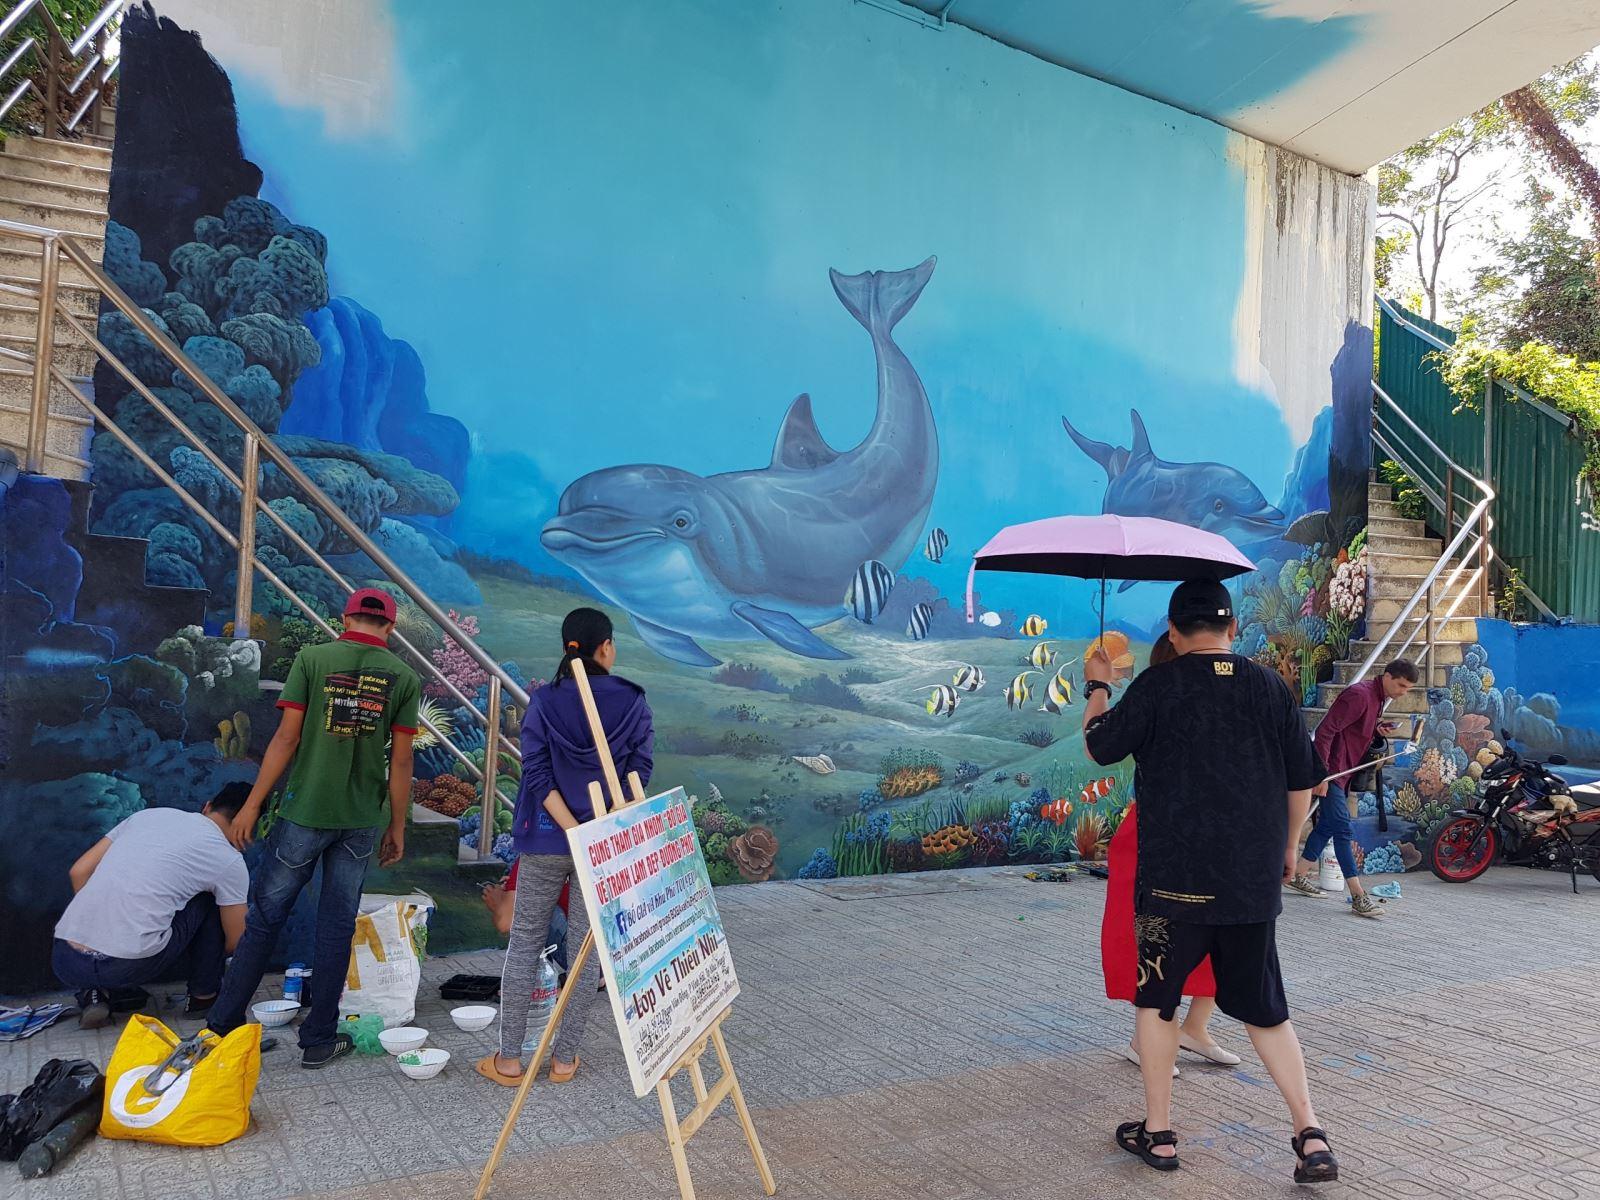 Vẽ bức tranh tường khu phố Nha Trang - VẼ CẦU VƯỢT BIỂN TP NHA TRANG